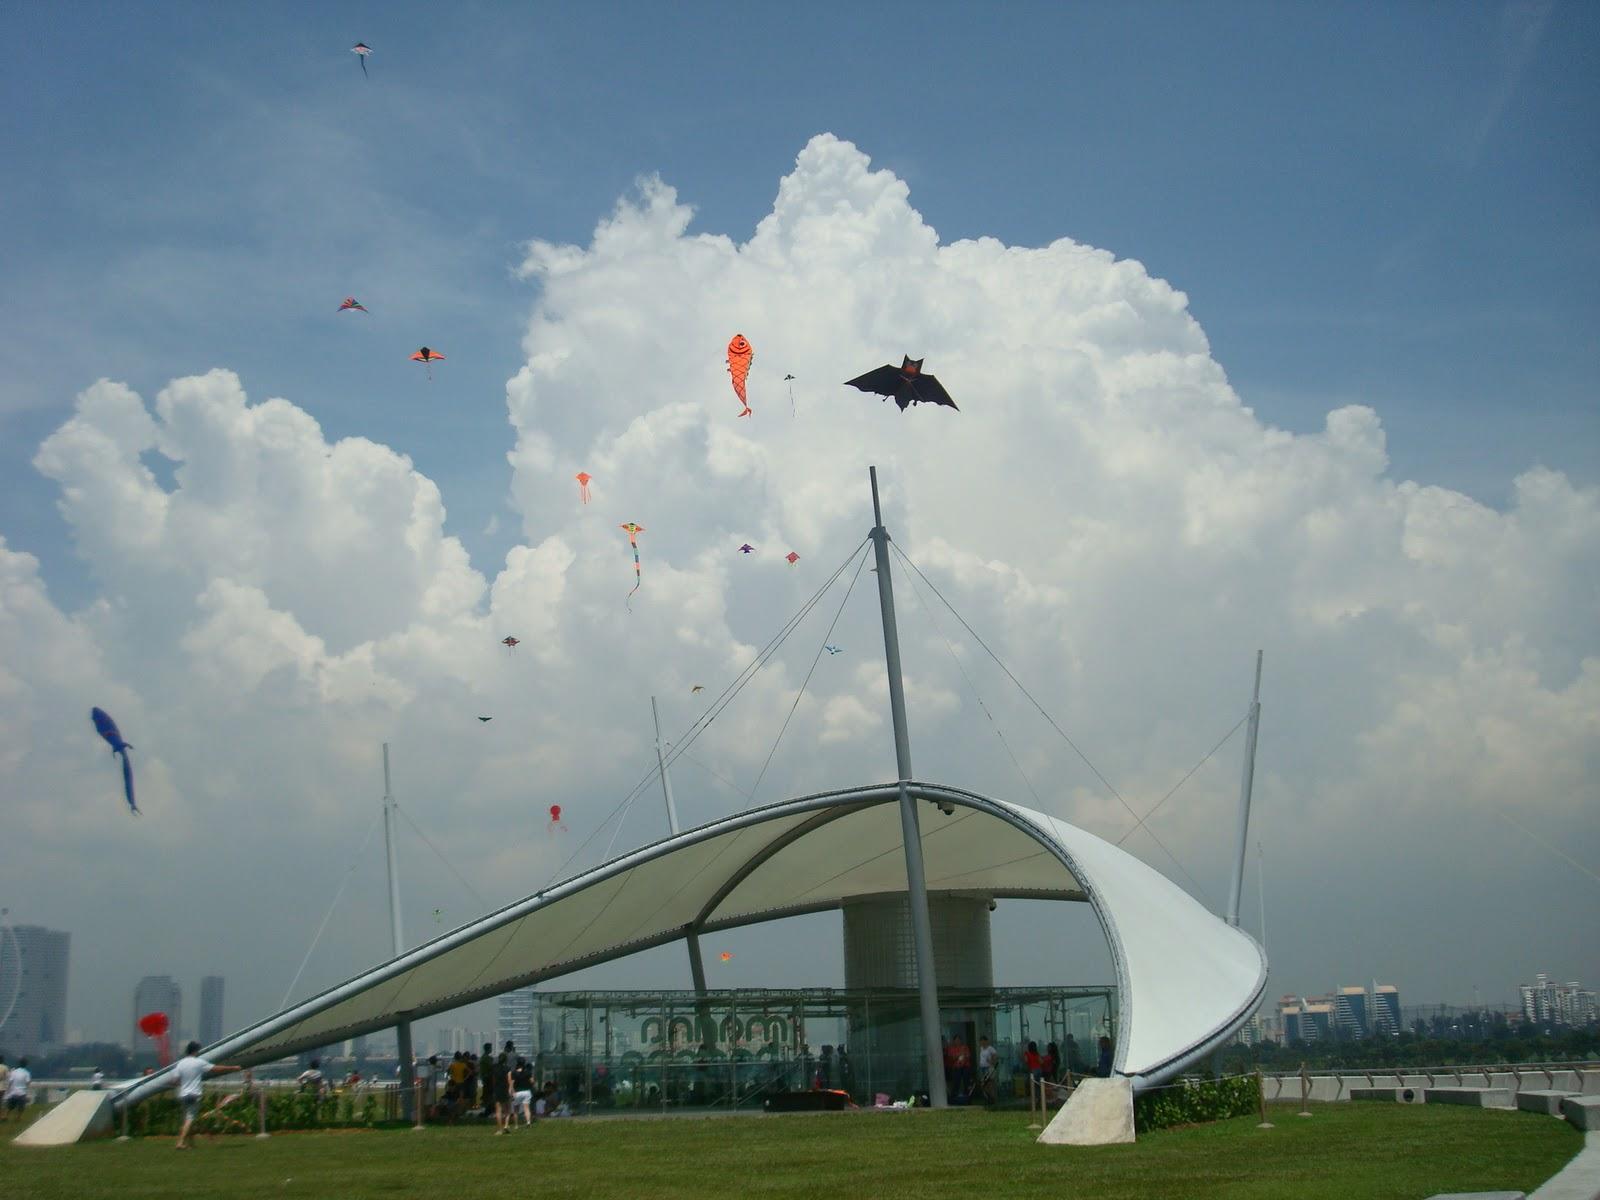 Kite Flying At Marina Barrage Clifton Phua S Blog